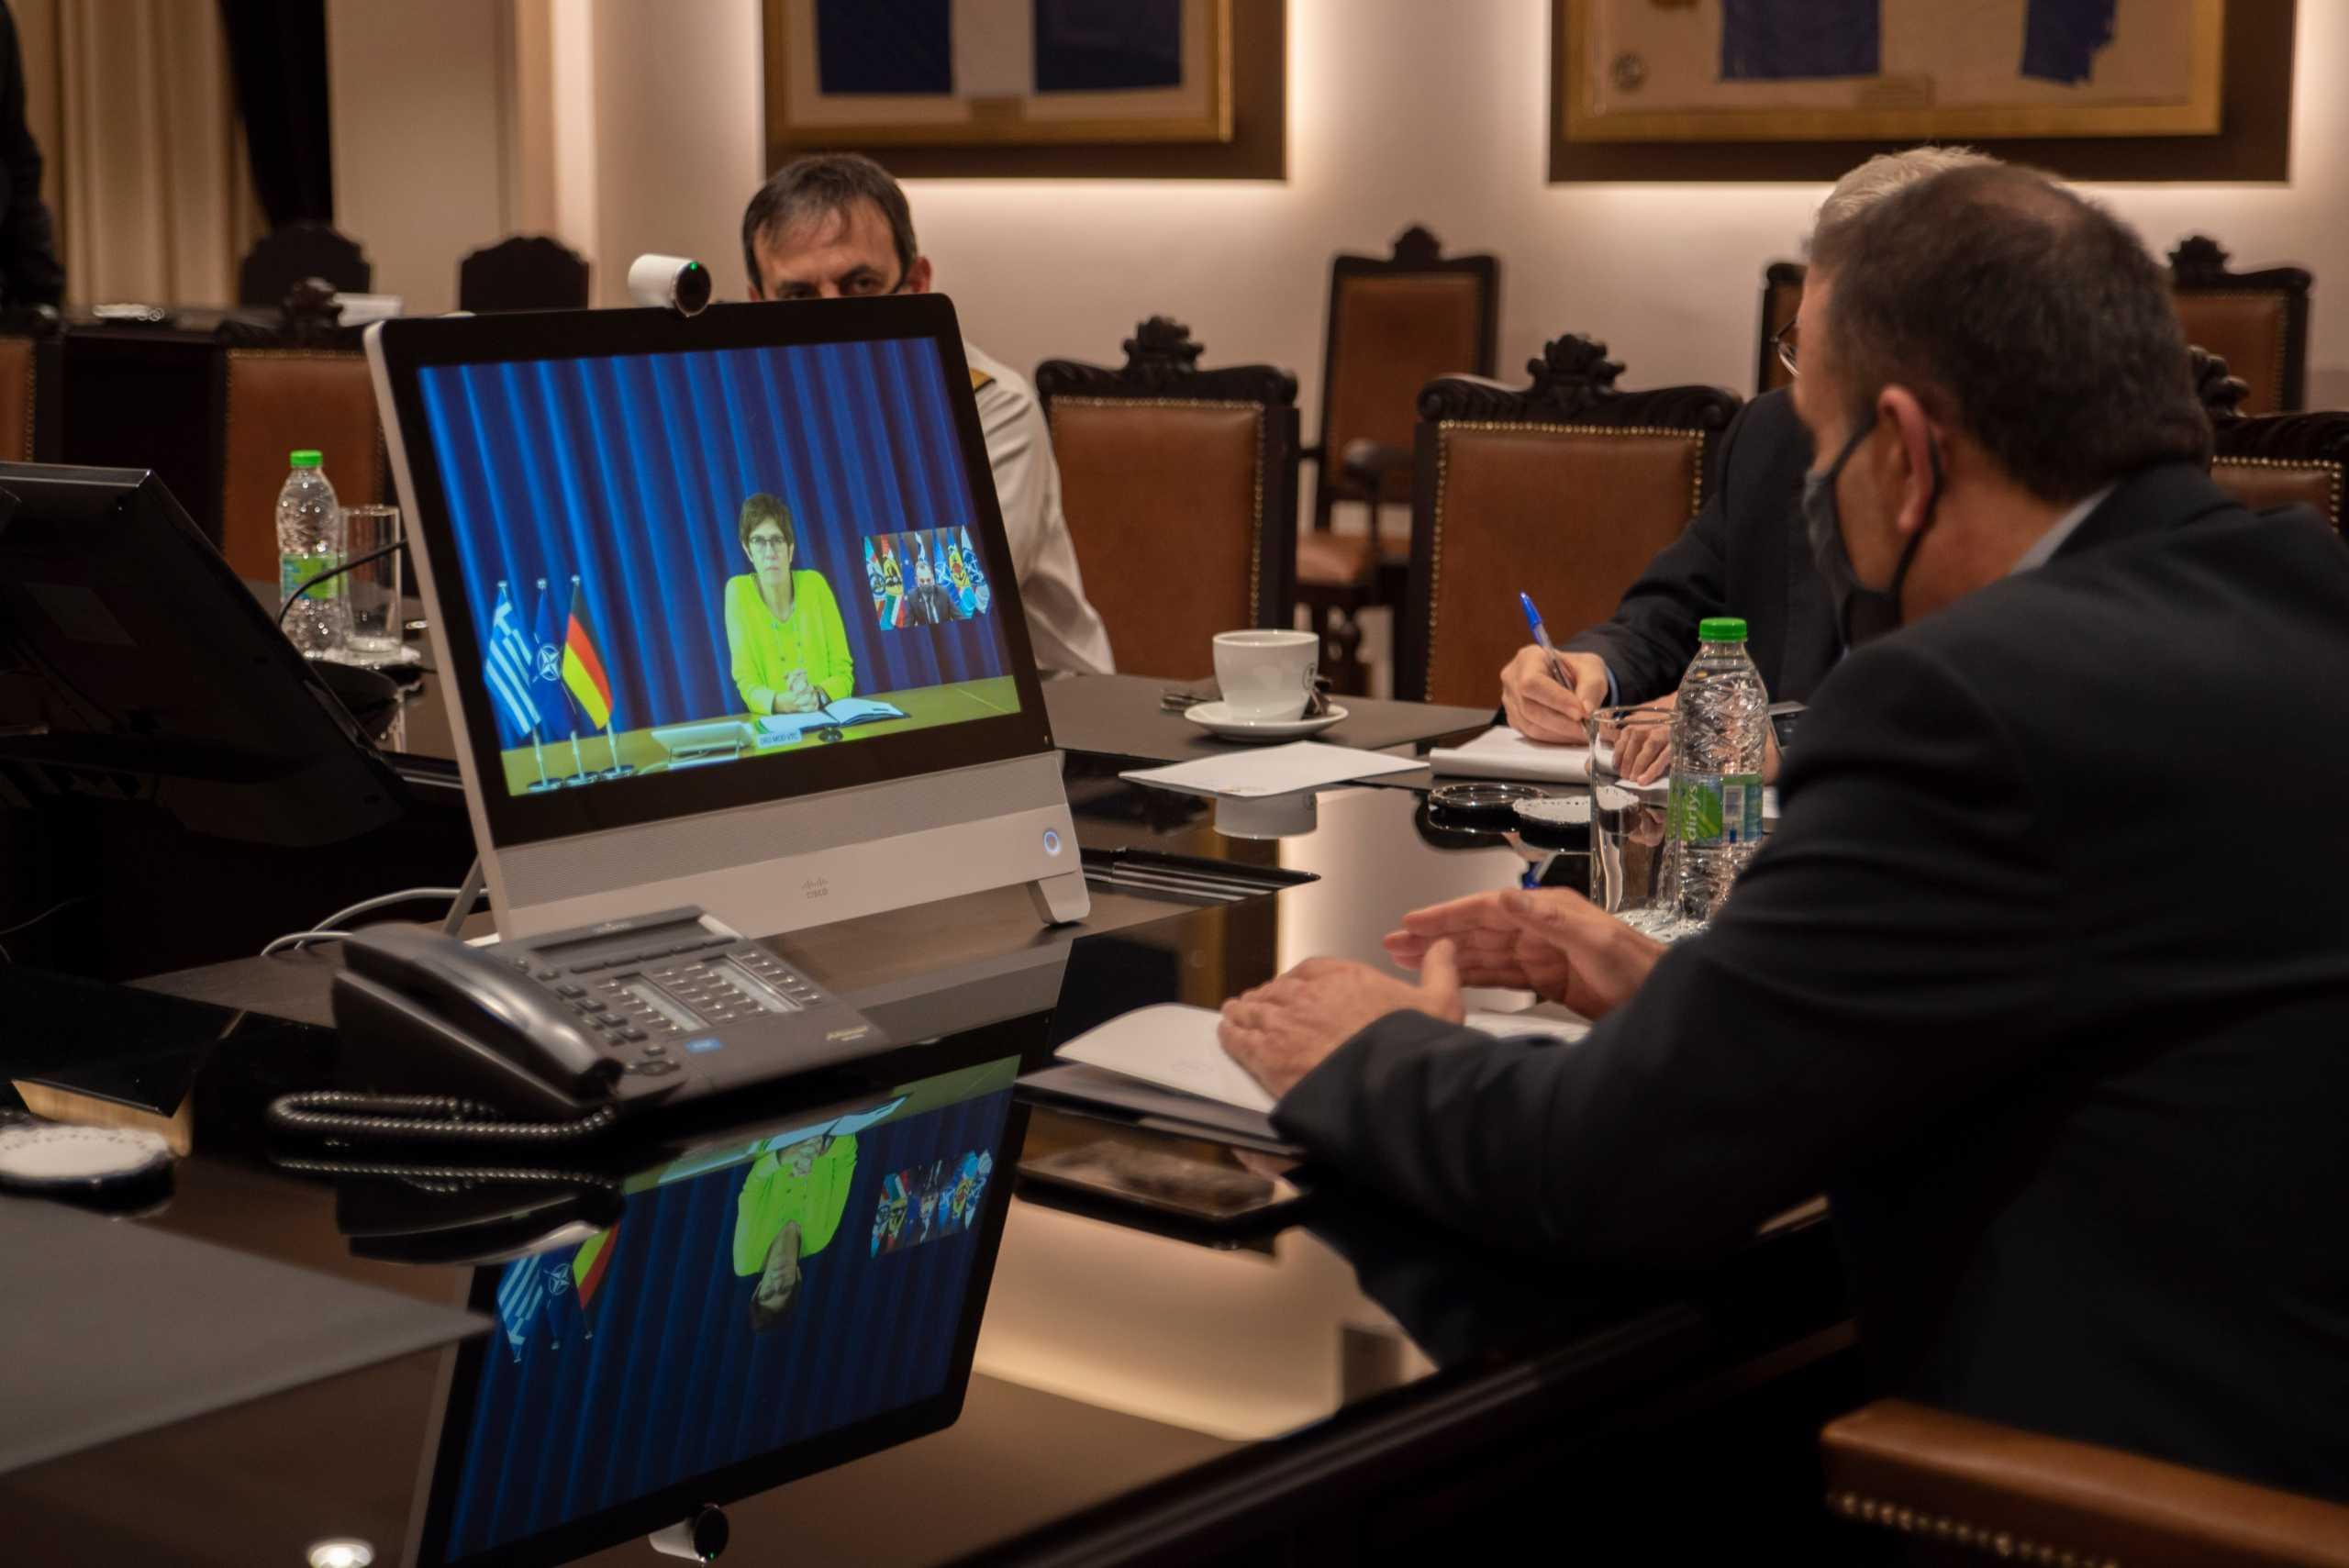 Εξοπλιστικά και αμυντικά προγράμματα συζήτησε ο Υπουργός Εθνικής Άμυνας με τη Γερμανίδα ομόλογό του [pic]